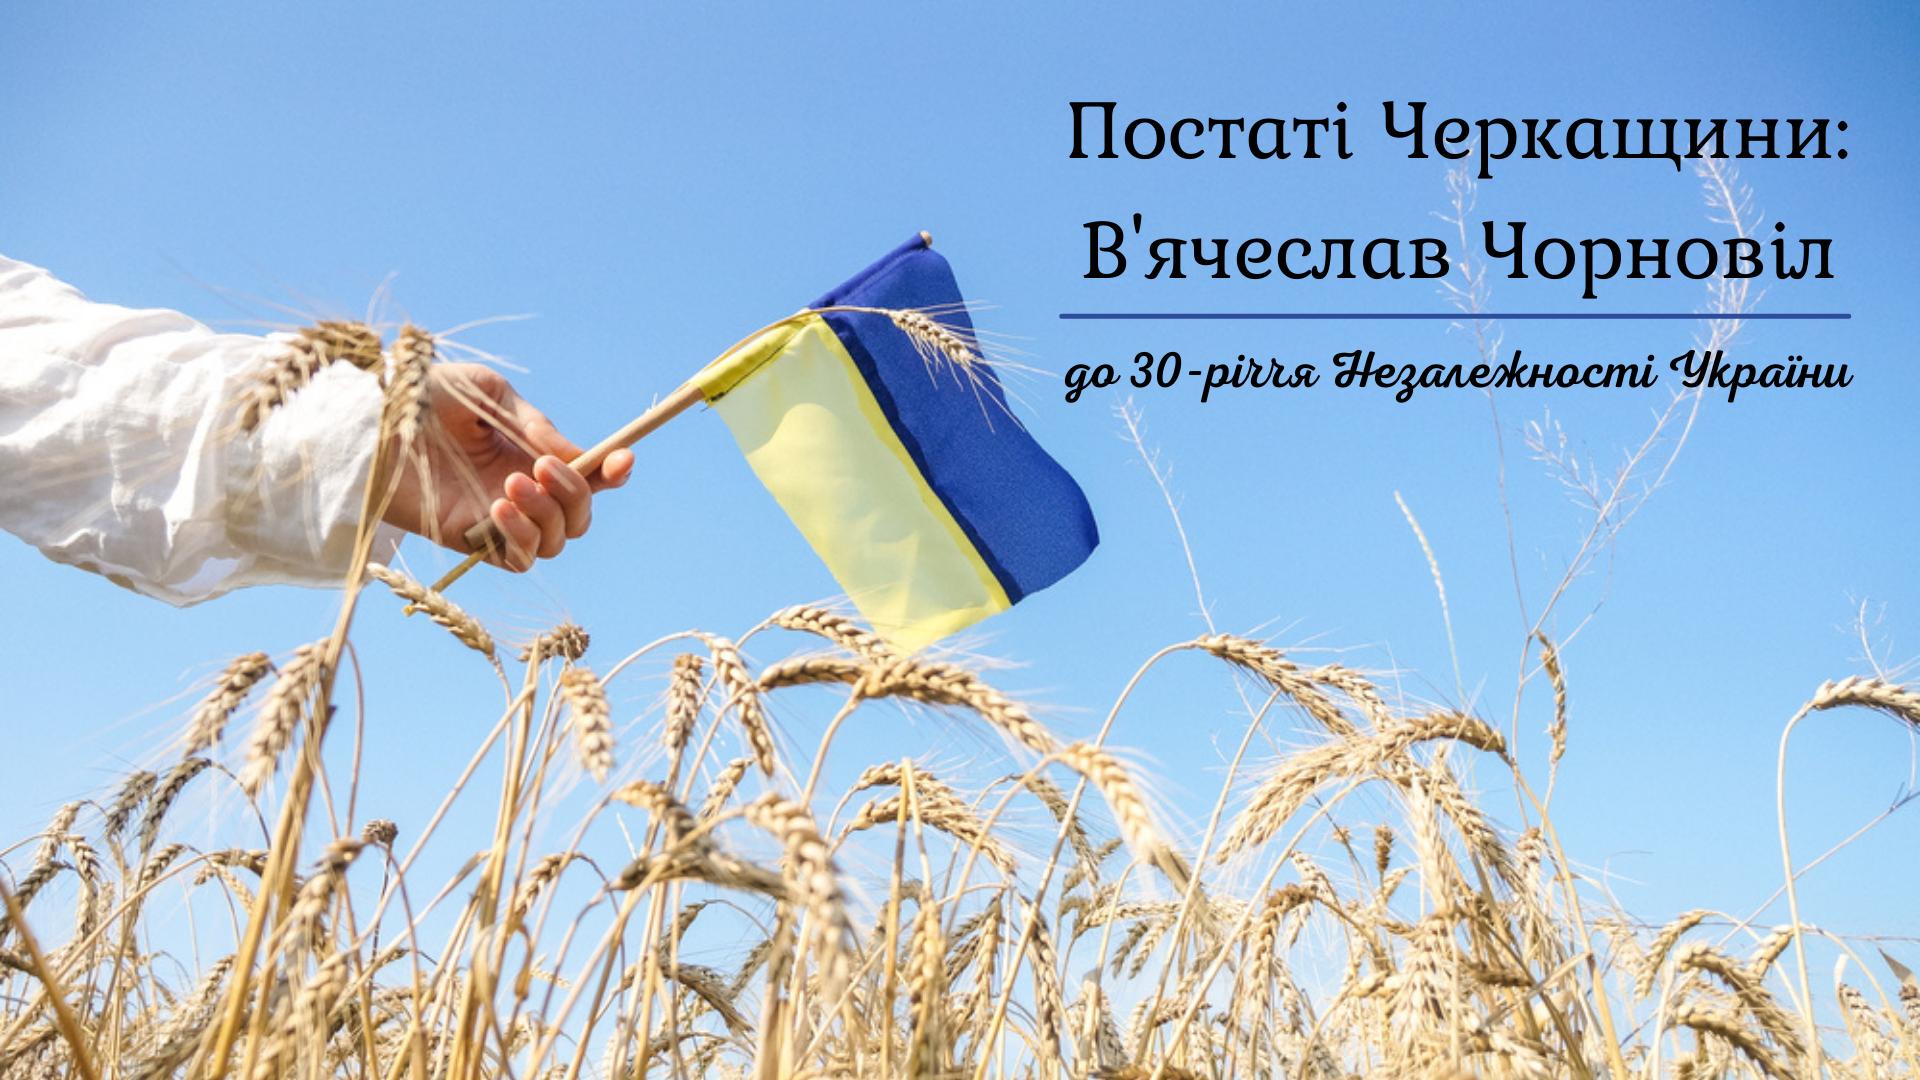 Постаті Черкащини: В'ячеслав Чорновіл. До 30-річчя Незалежності України